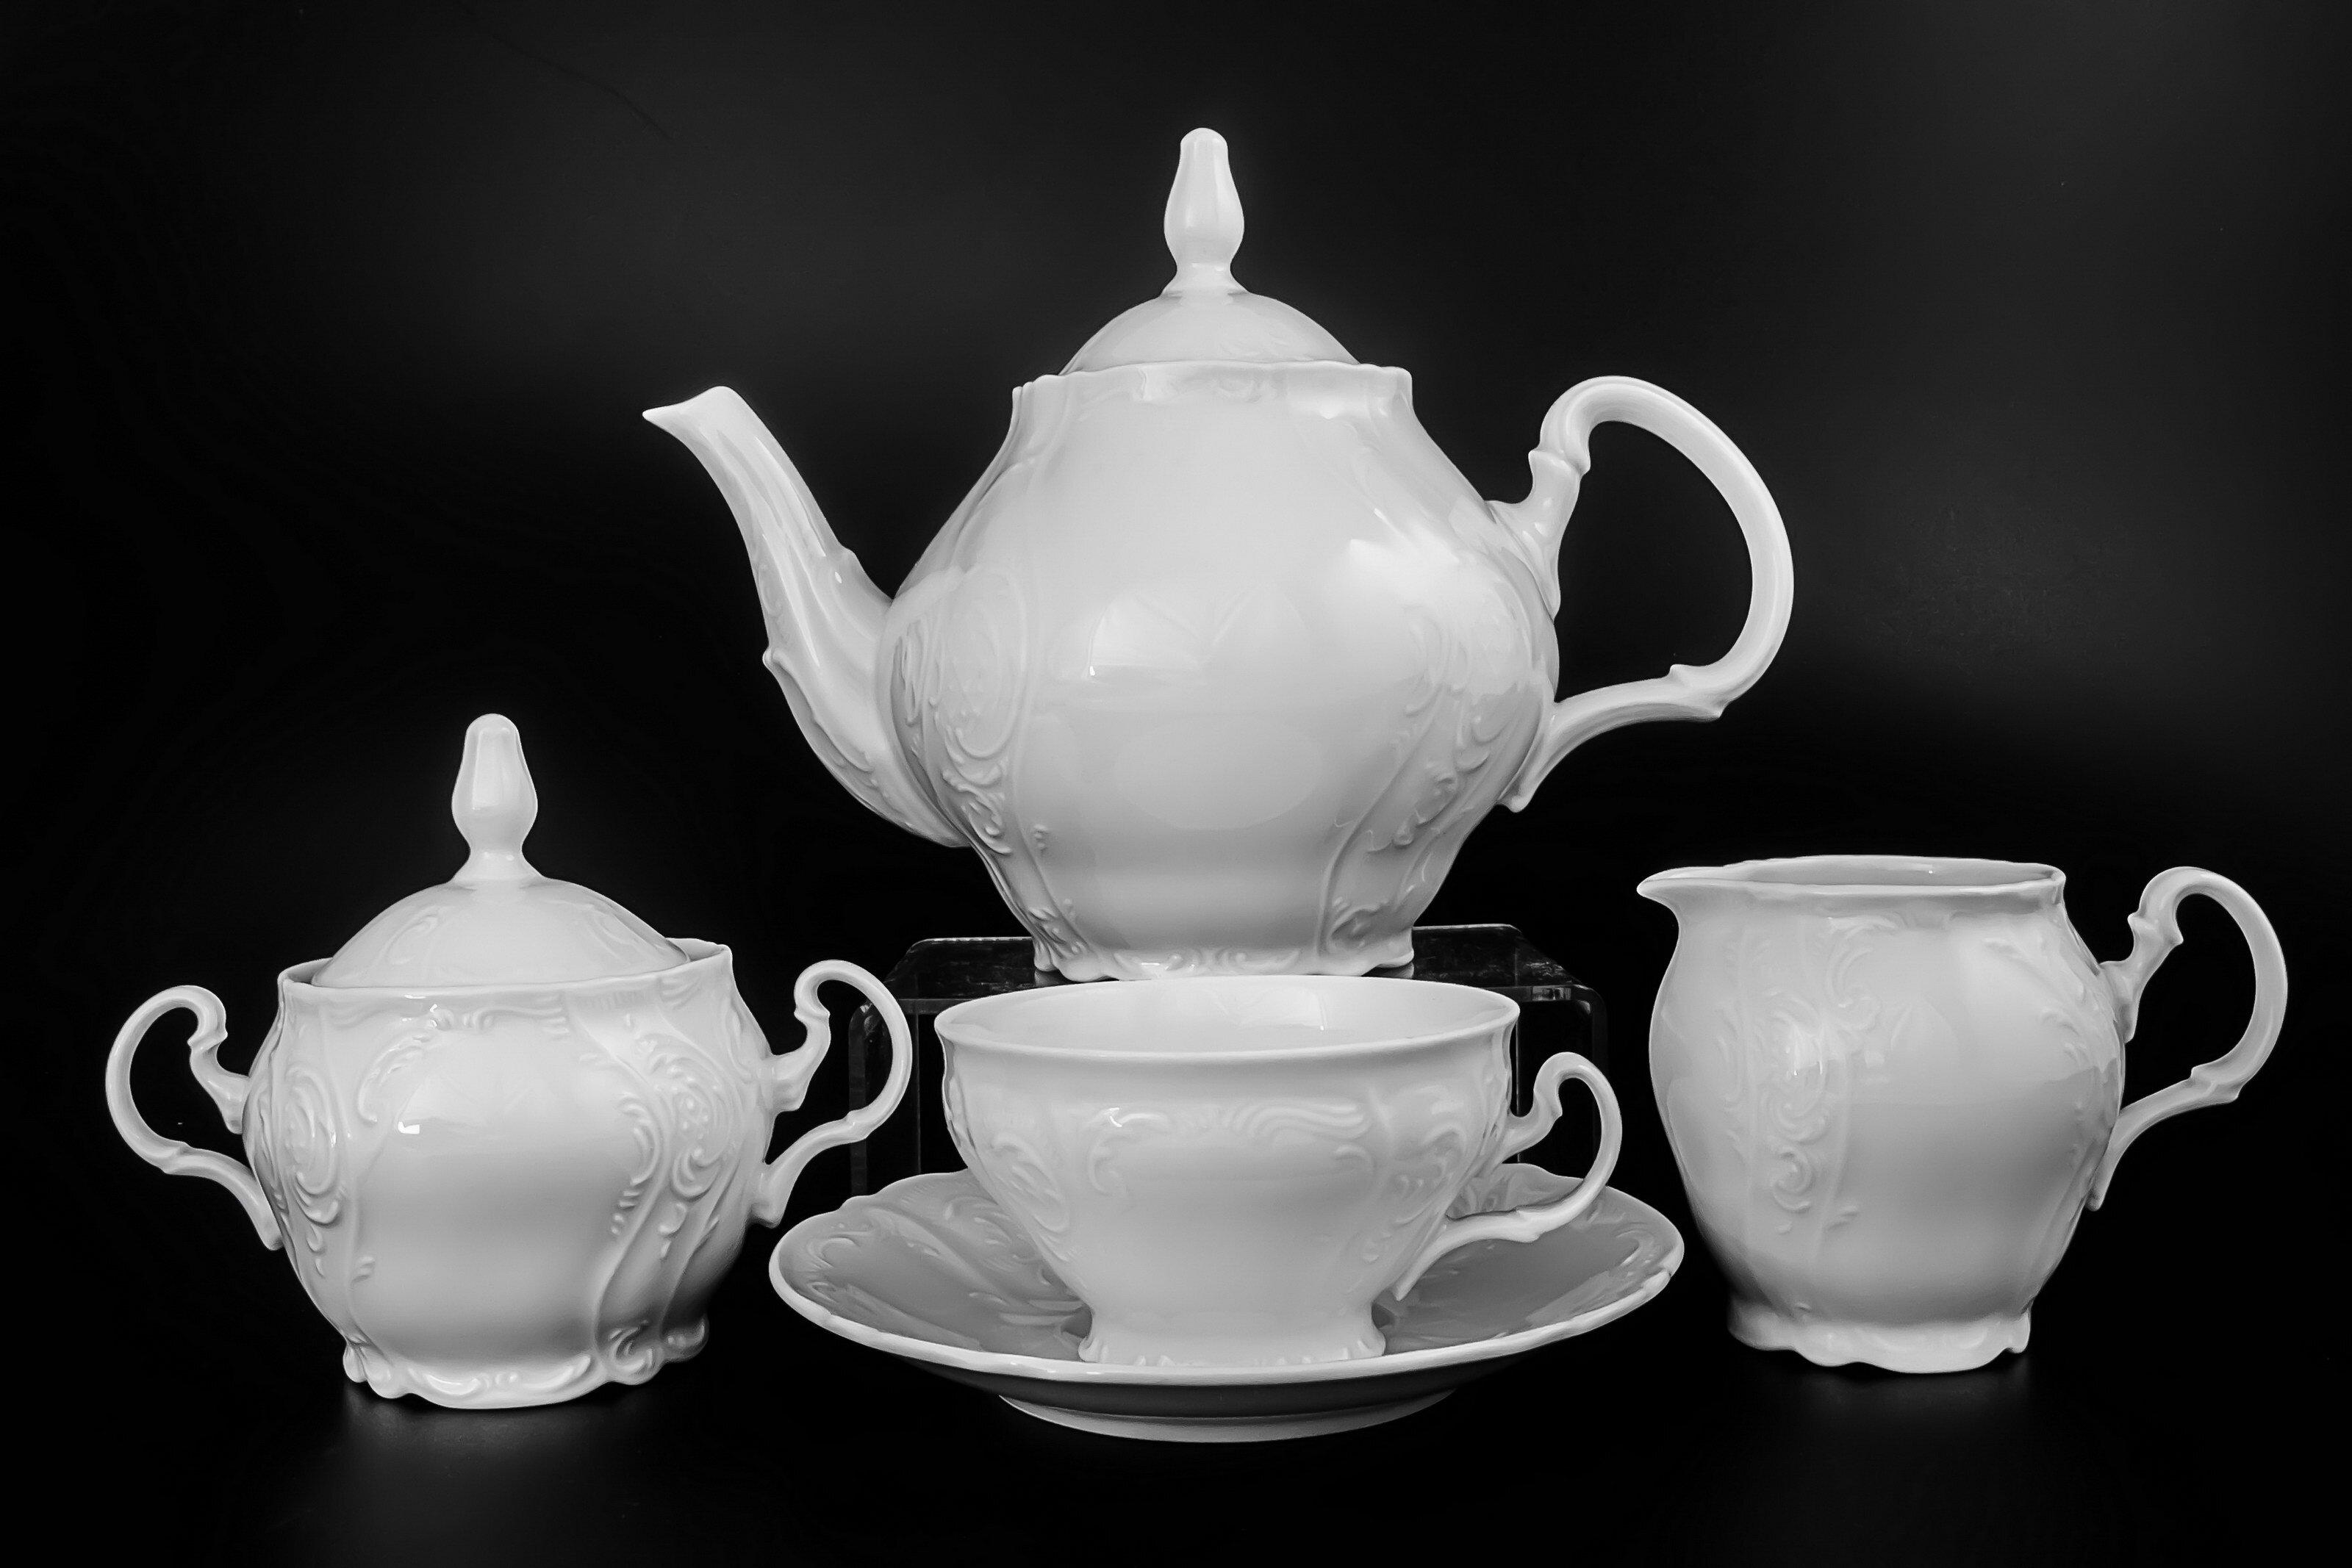 Чайный сервиз БЕРНАДОТТ НЕДЕКОРИРОВАННЫЙ от Bernadotte на 6 персон